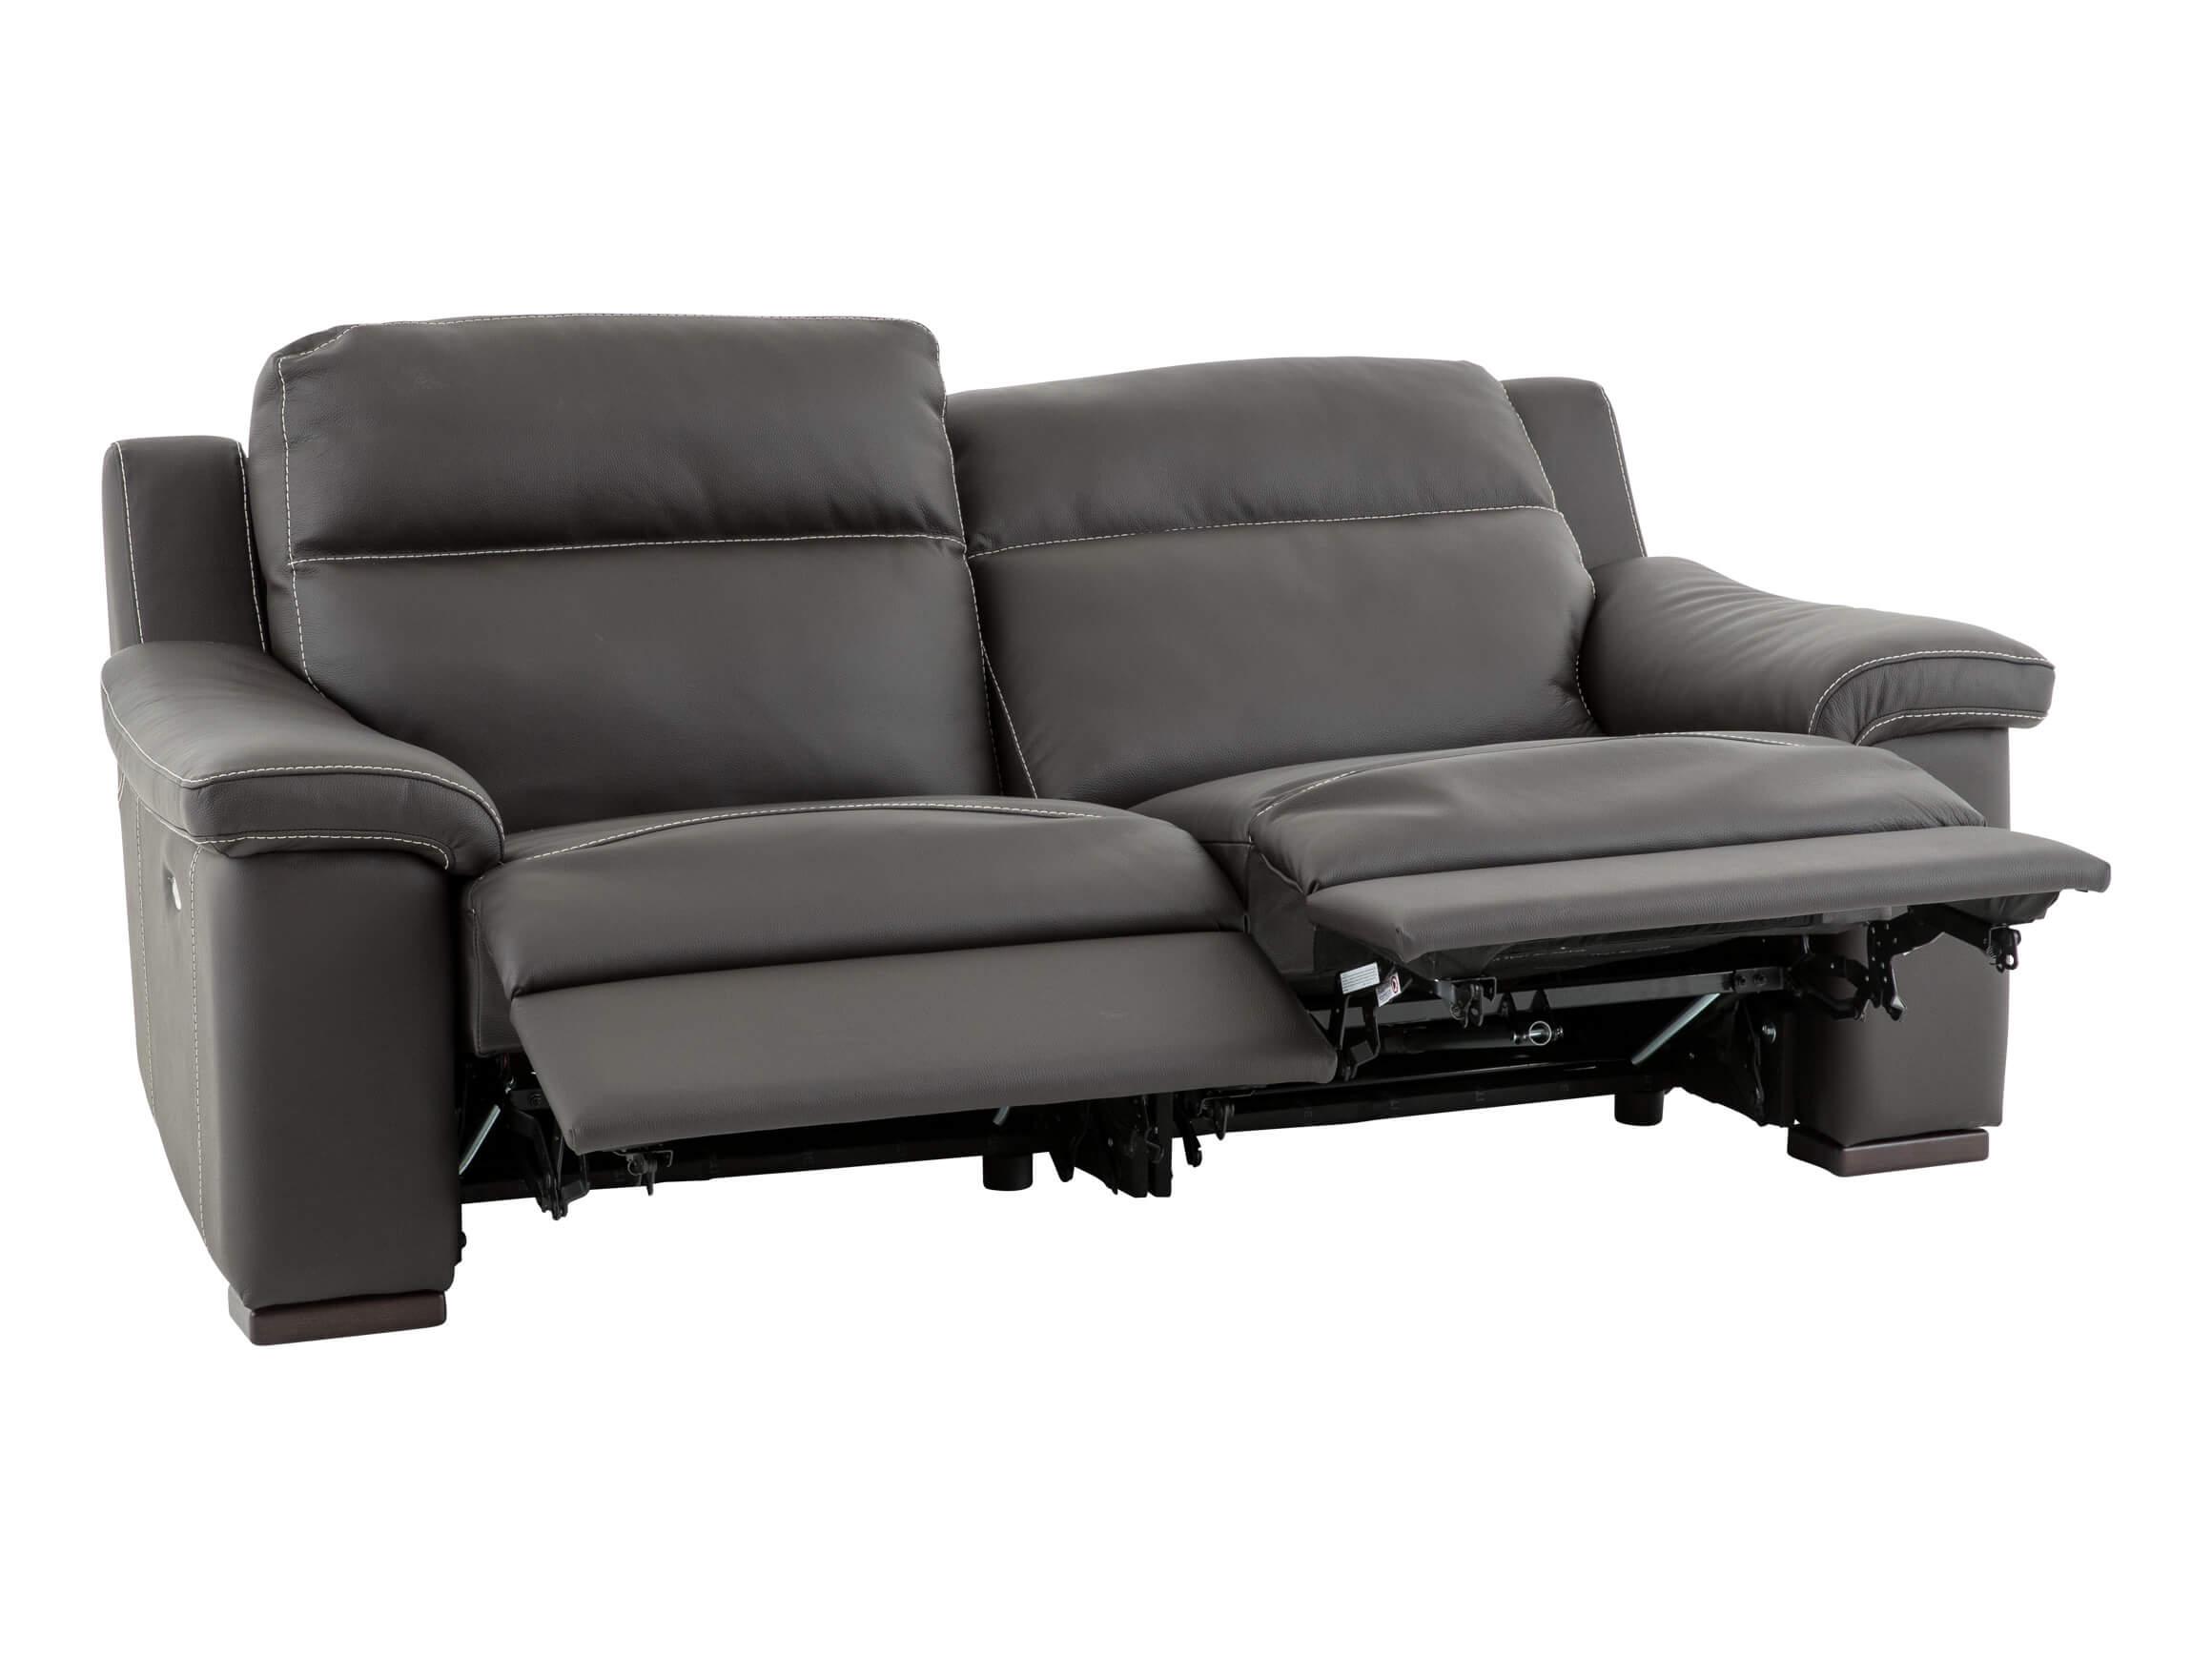 Full Size of Sofa Elektrisch Statisch Aufgeladen Was Tun Elektrische Relaxfunktion Geladen Verstellbar Ikea Ist Elektrischer Sitzvorzug Mit Aufgeladen Was Leder Sofa Sofa Elektrisch